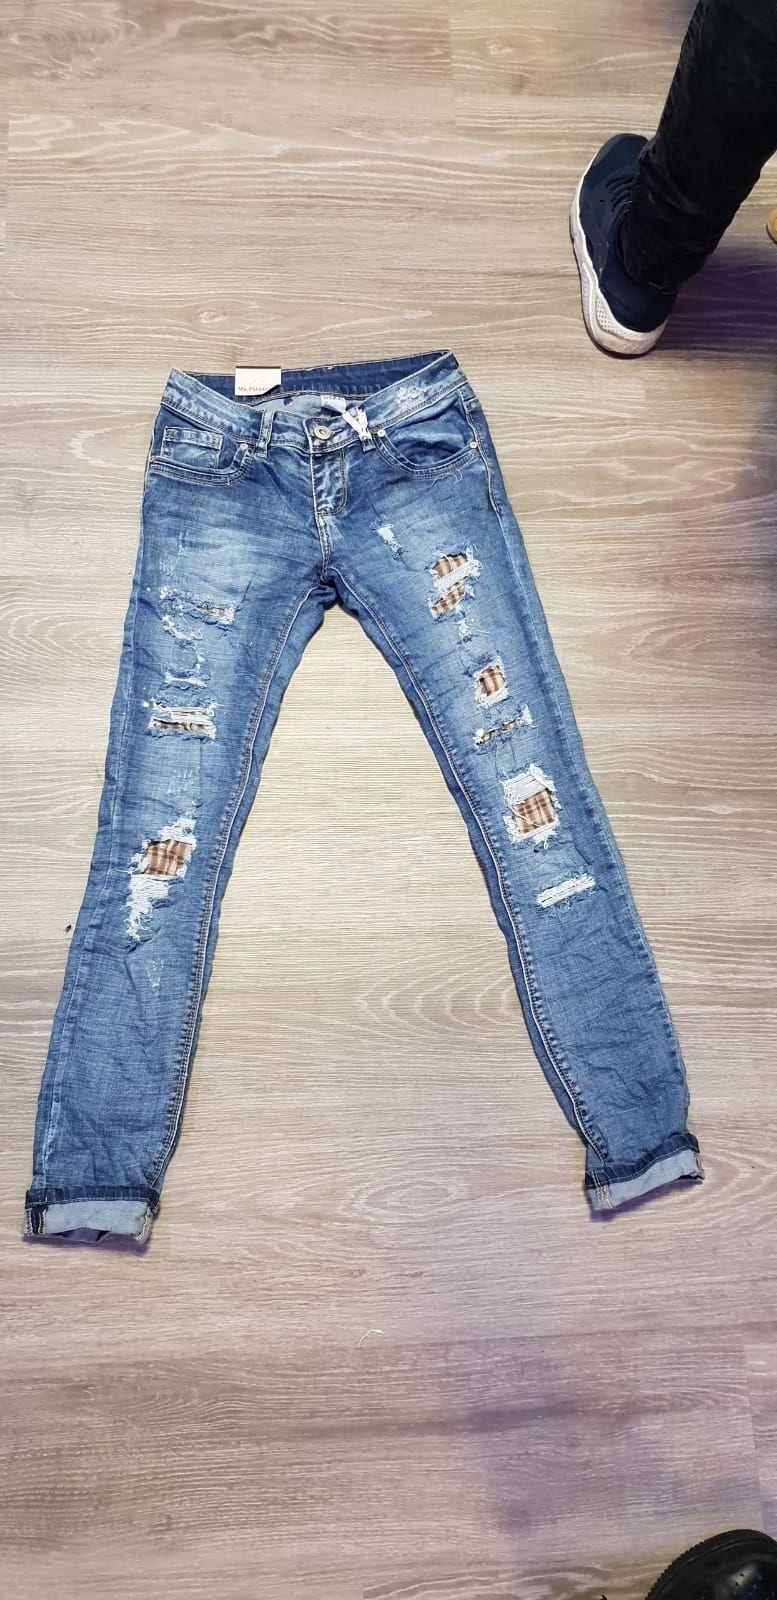 Pantalones: Tienda de ropa de High Level Collection